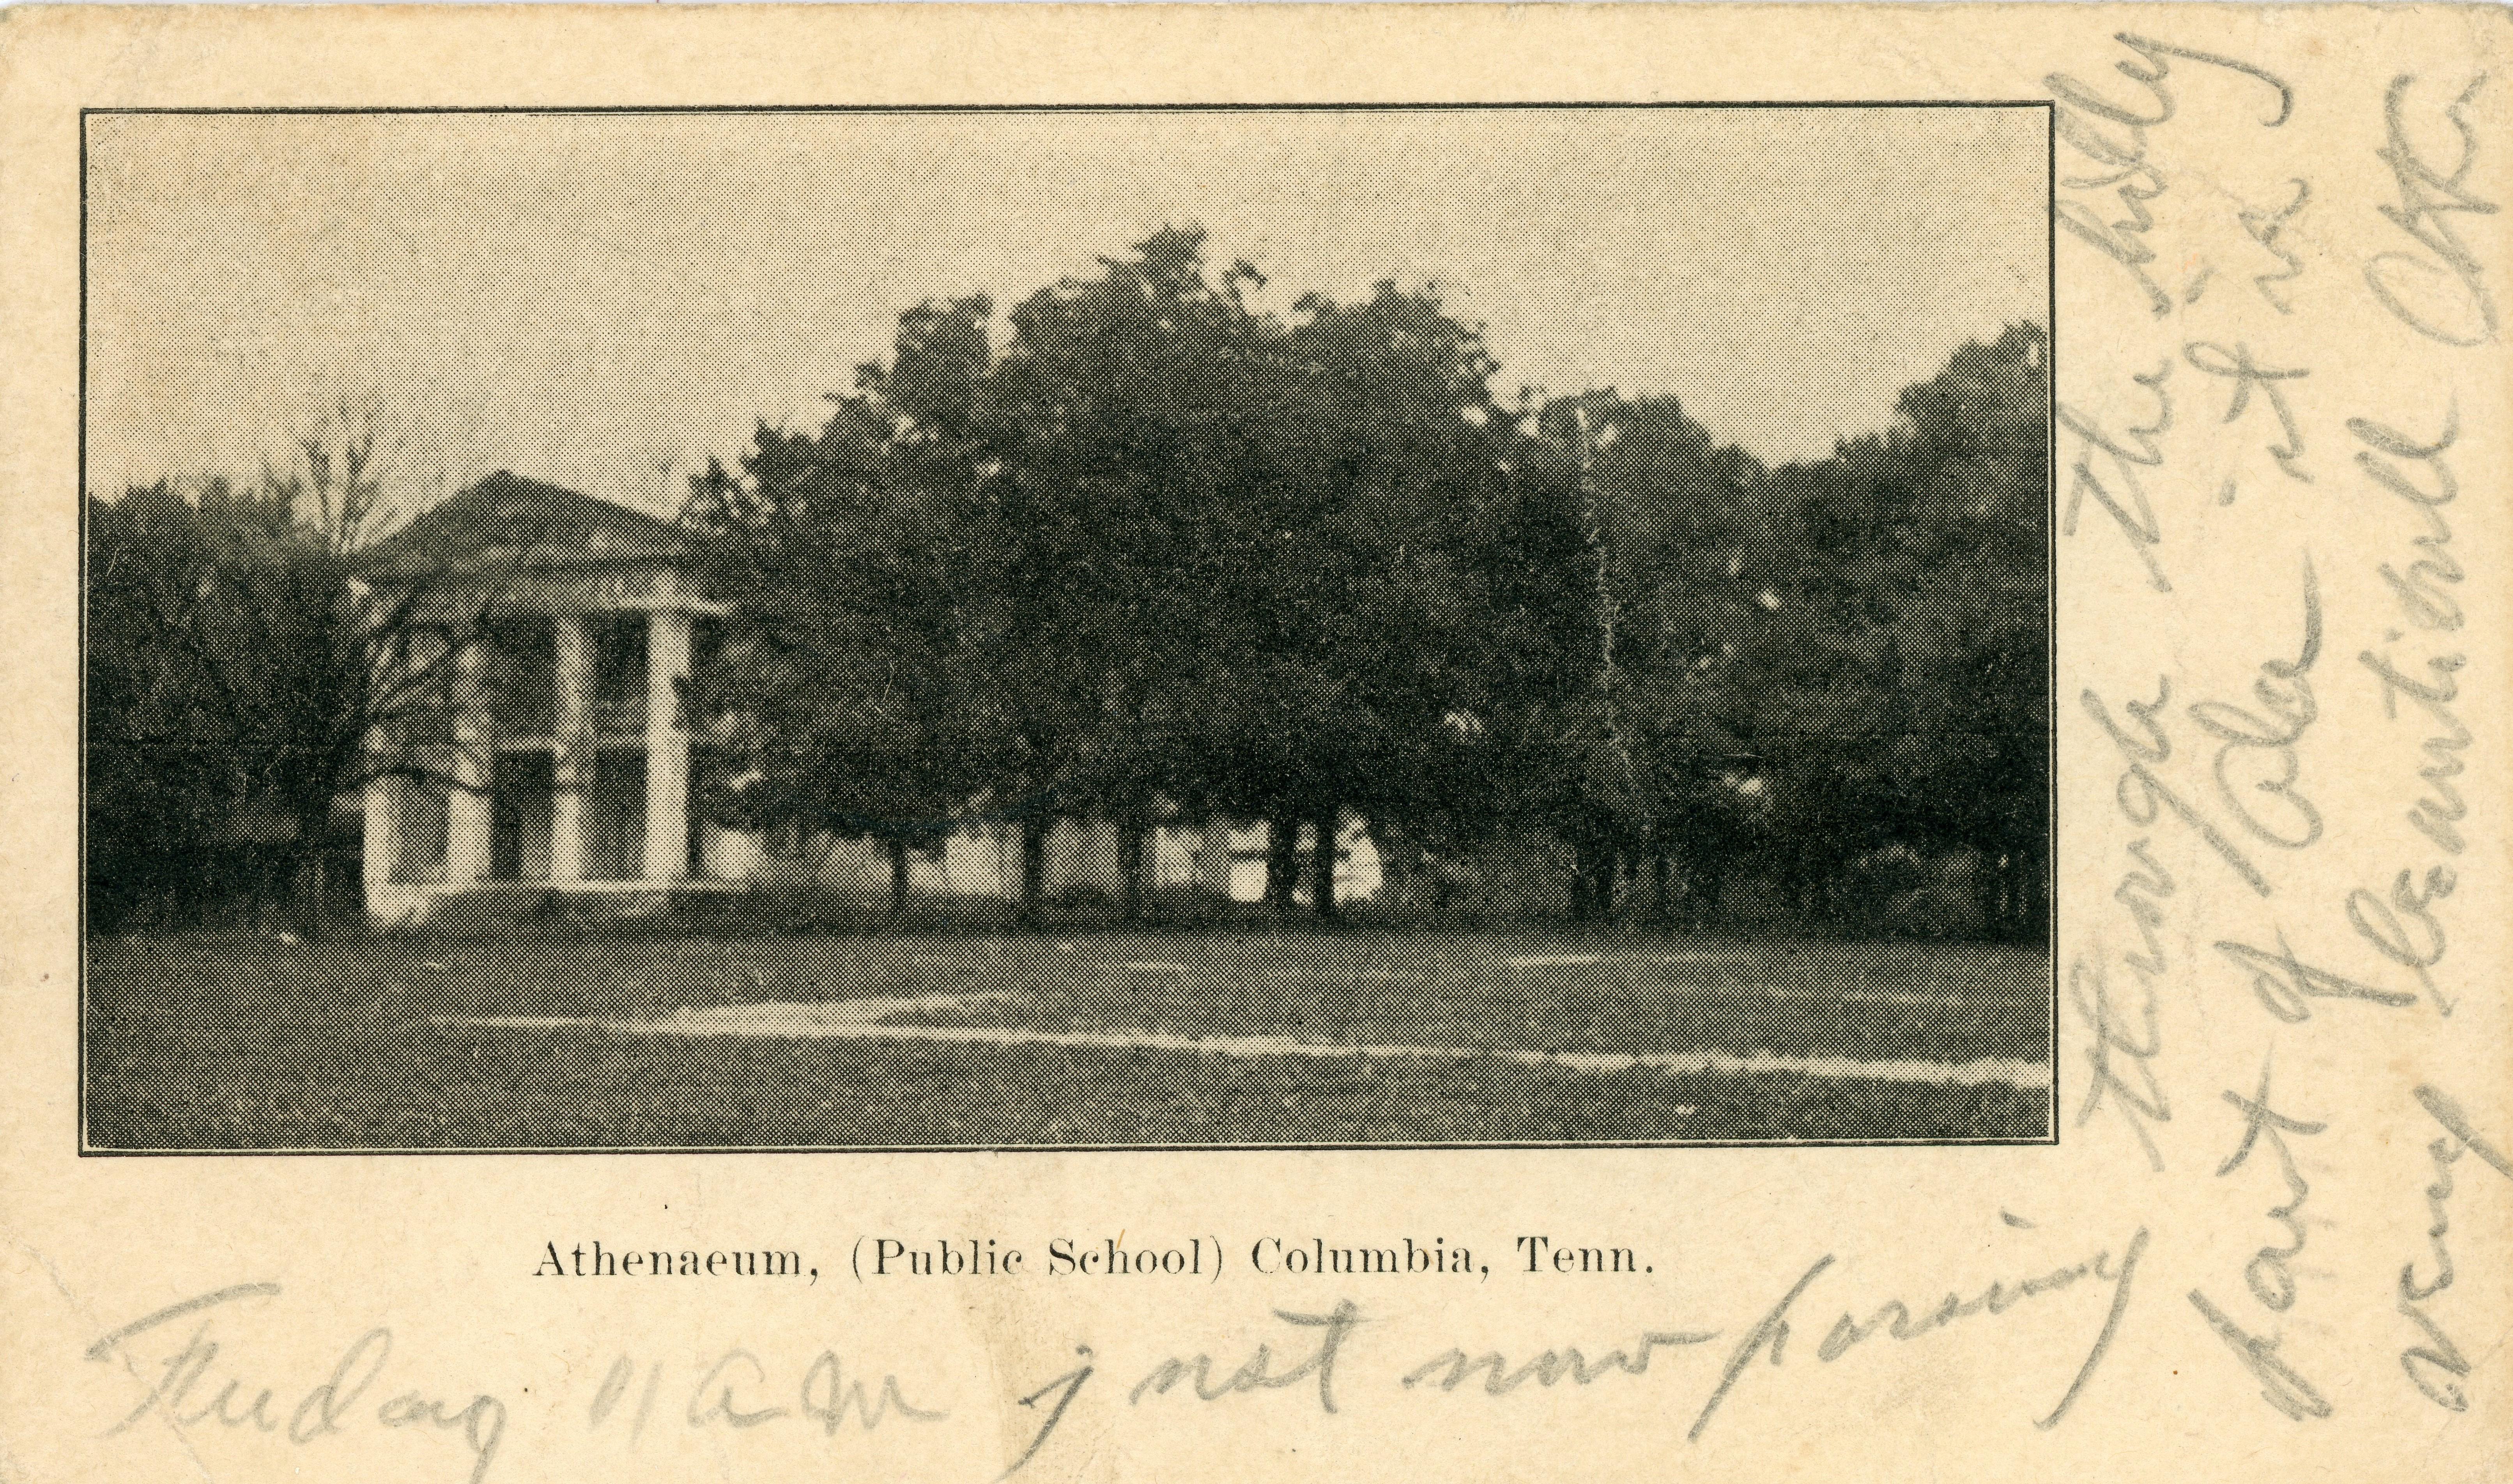 img002 (marked 1906)